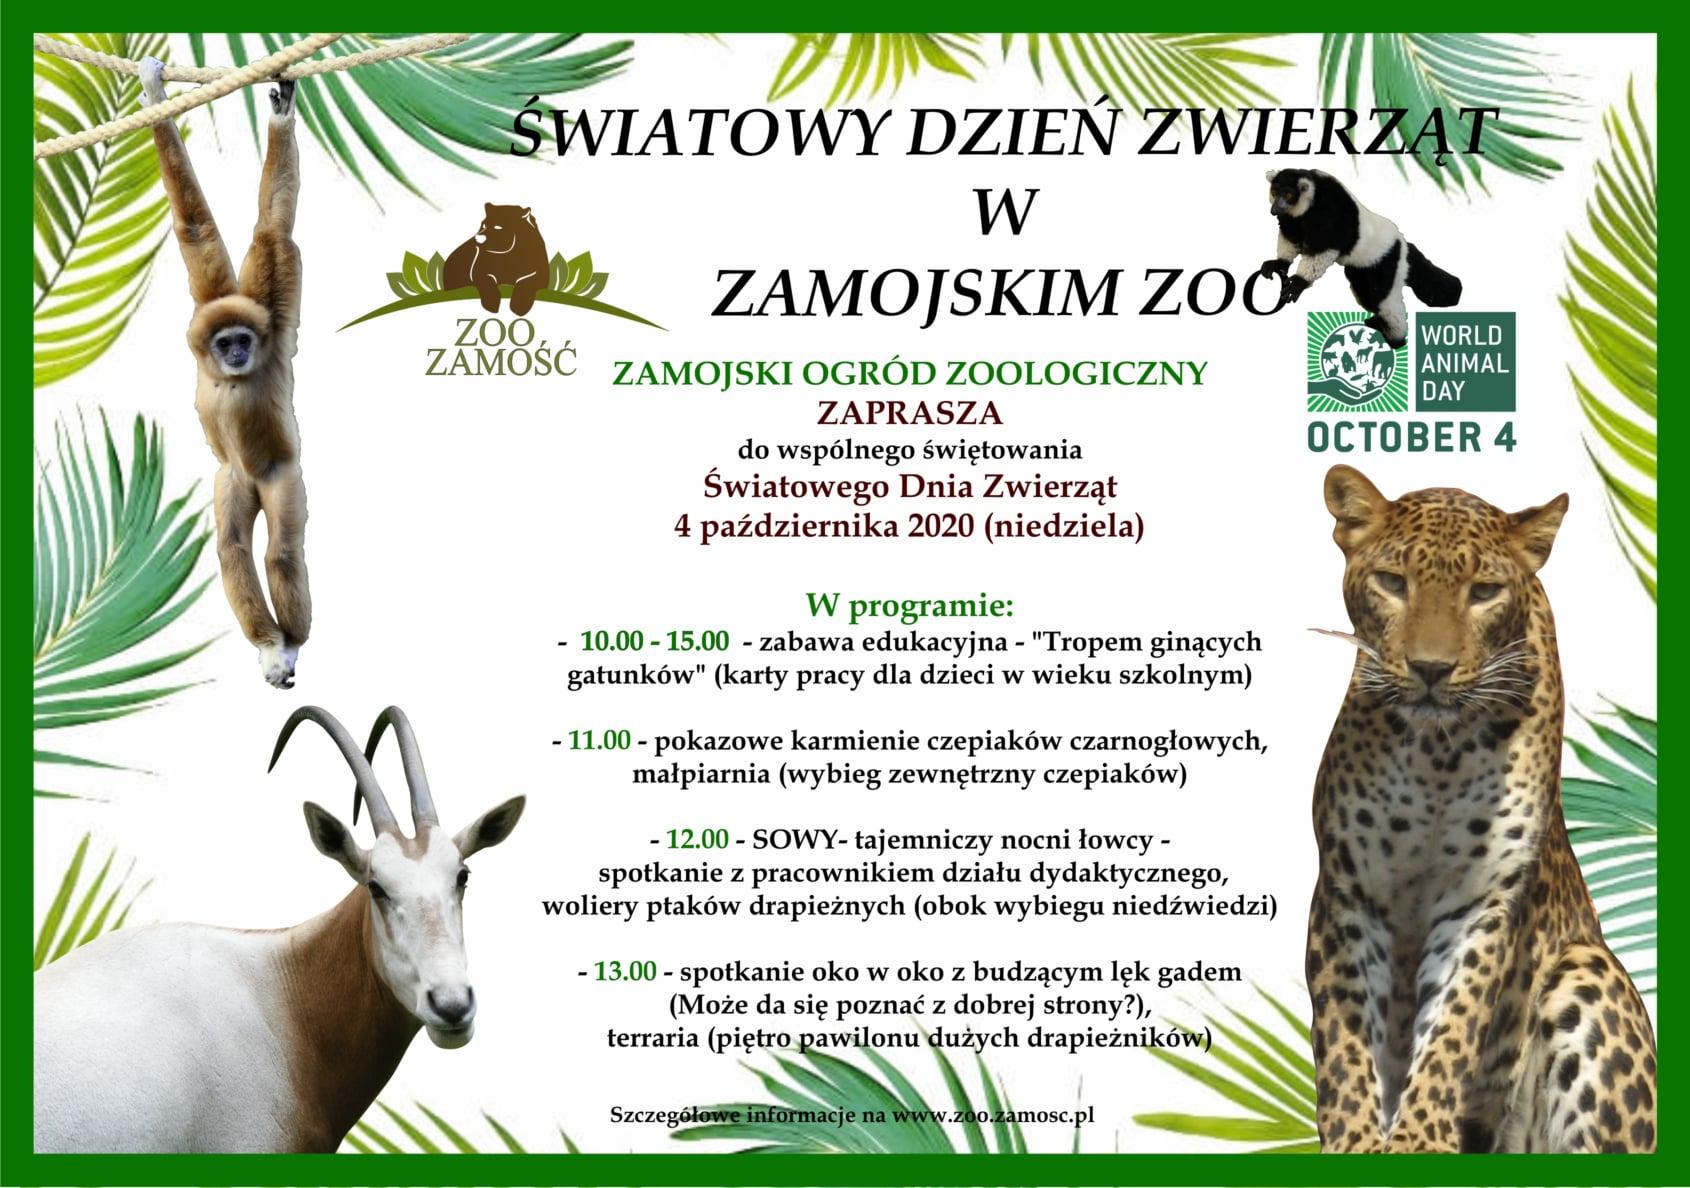 120603301 3486458641433509 7510472174629924012 o ZAMOŚĆ: Atrakcje w ZOO z okazji Światowego Dnia Zwierząt.